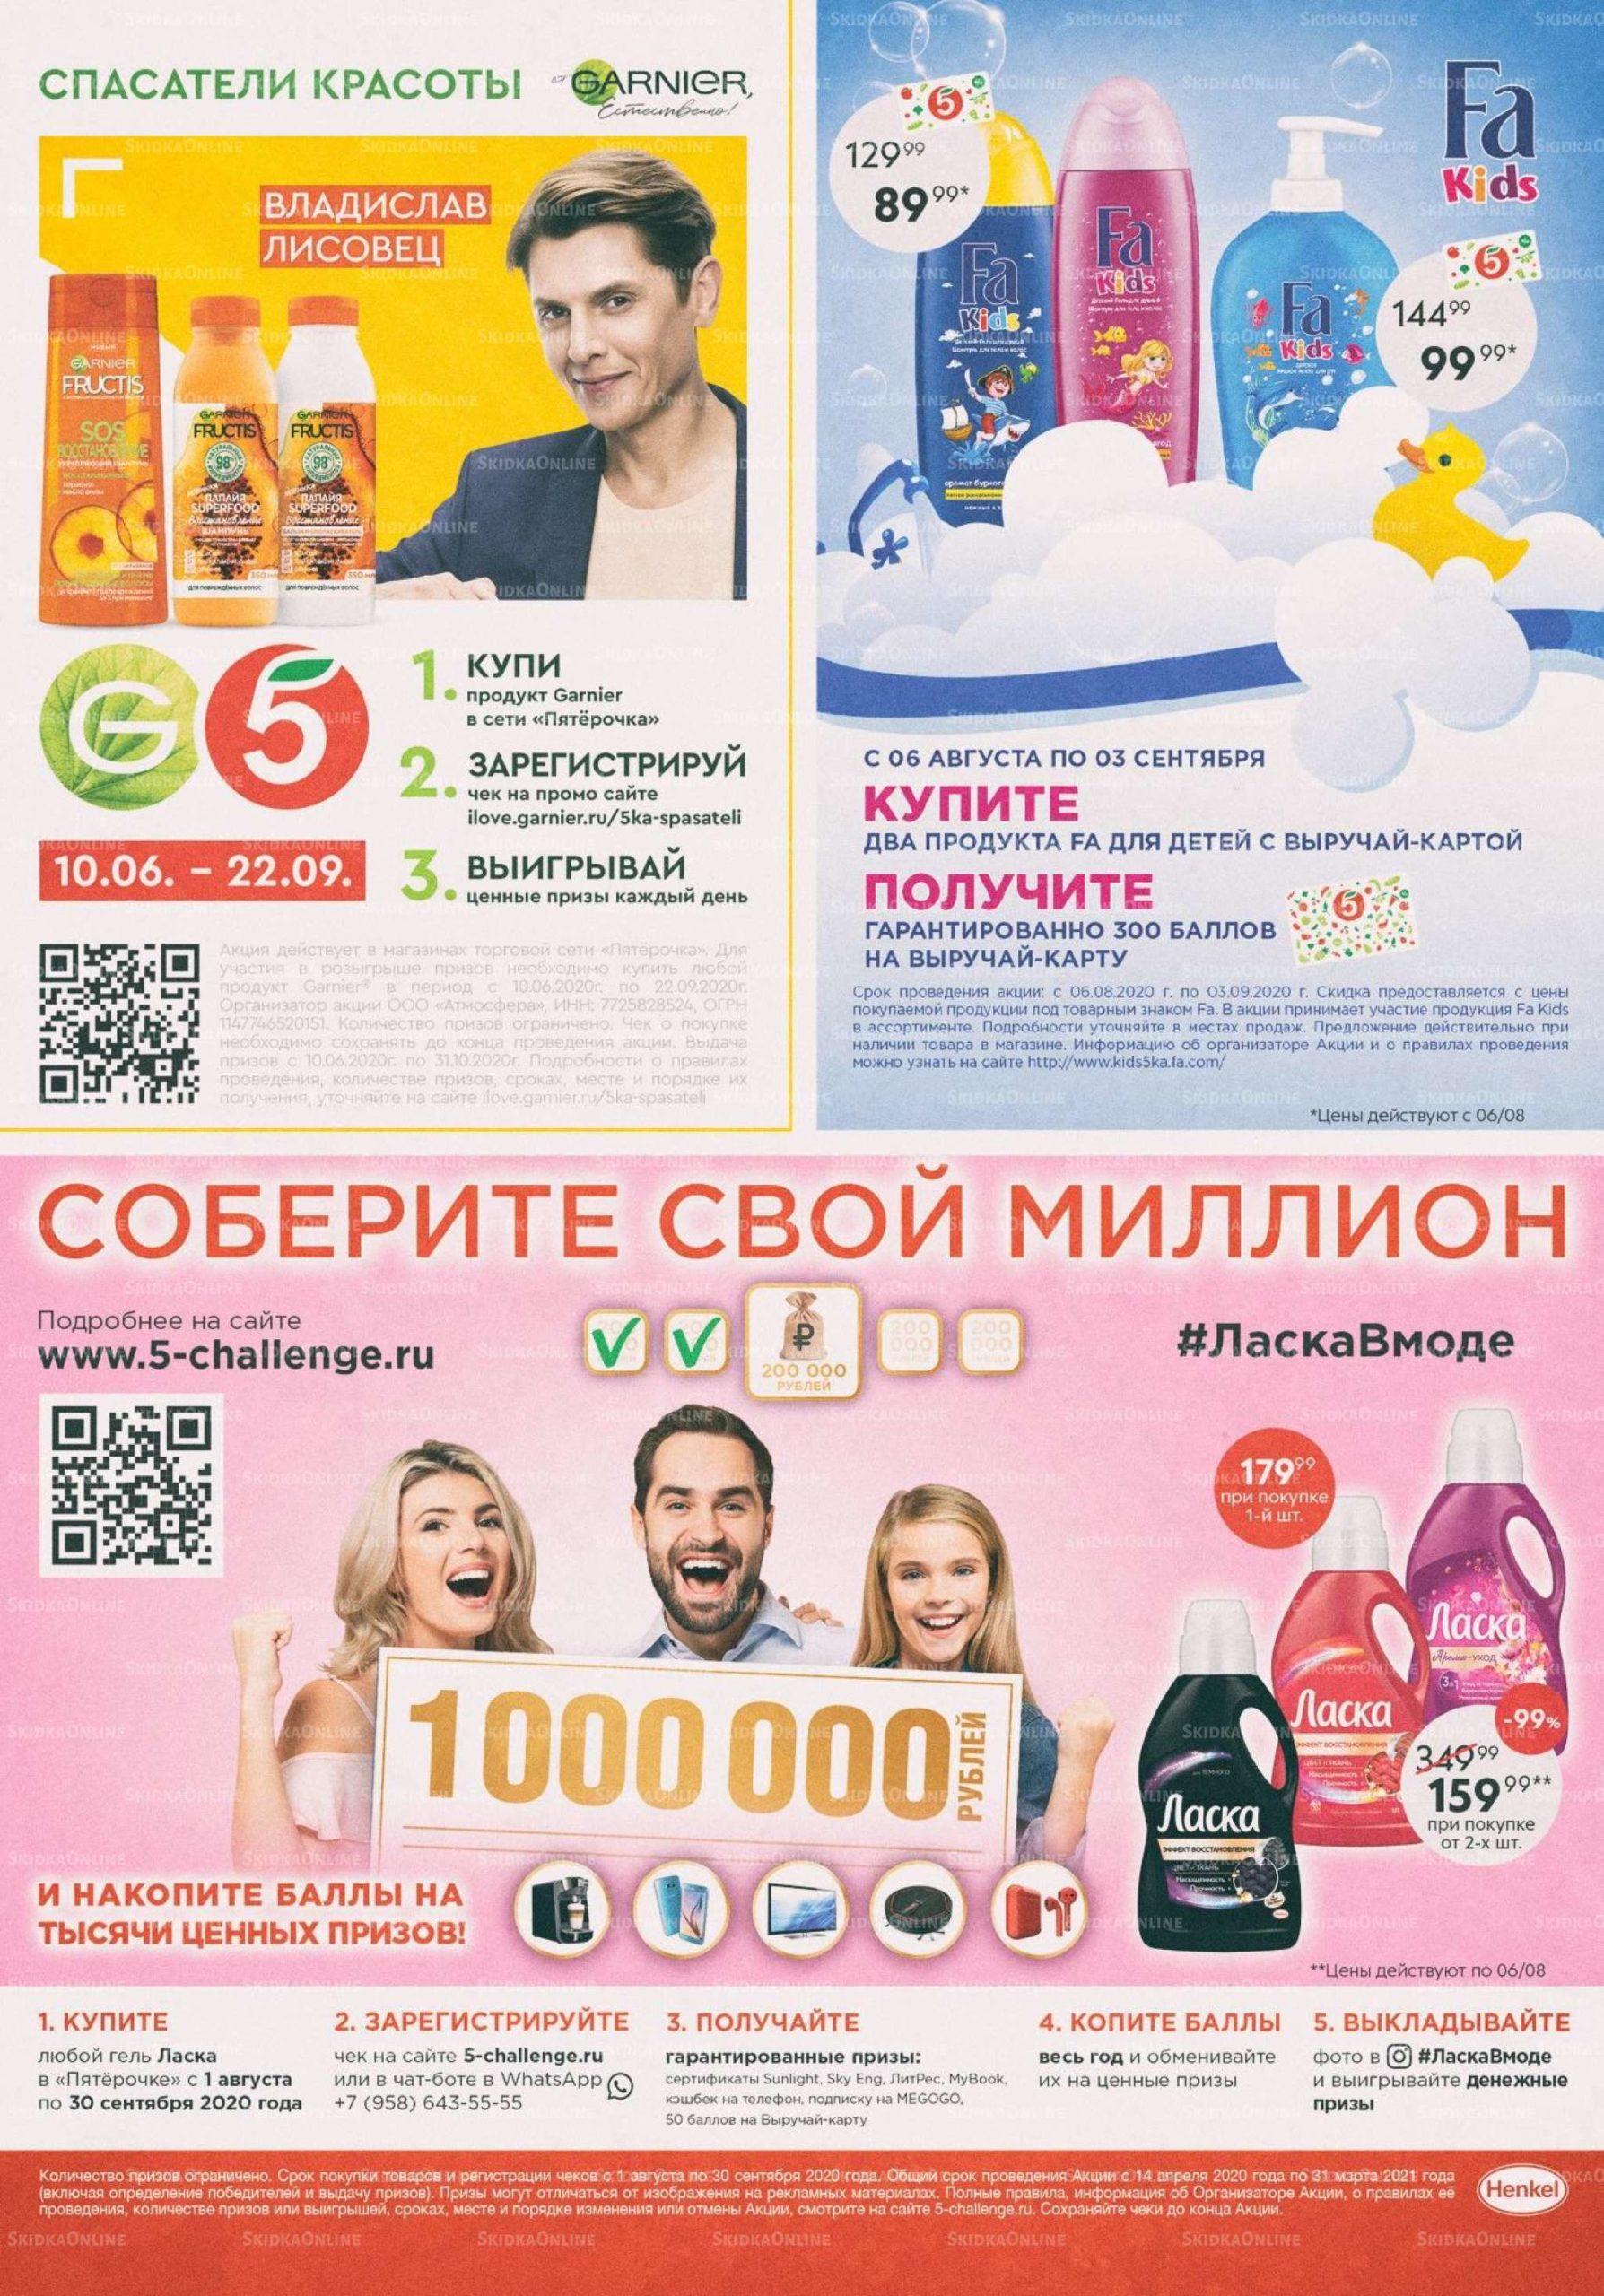 Акции в Пятёрочке с 4 по 10 августа 2020 года